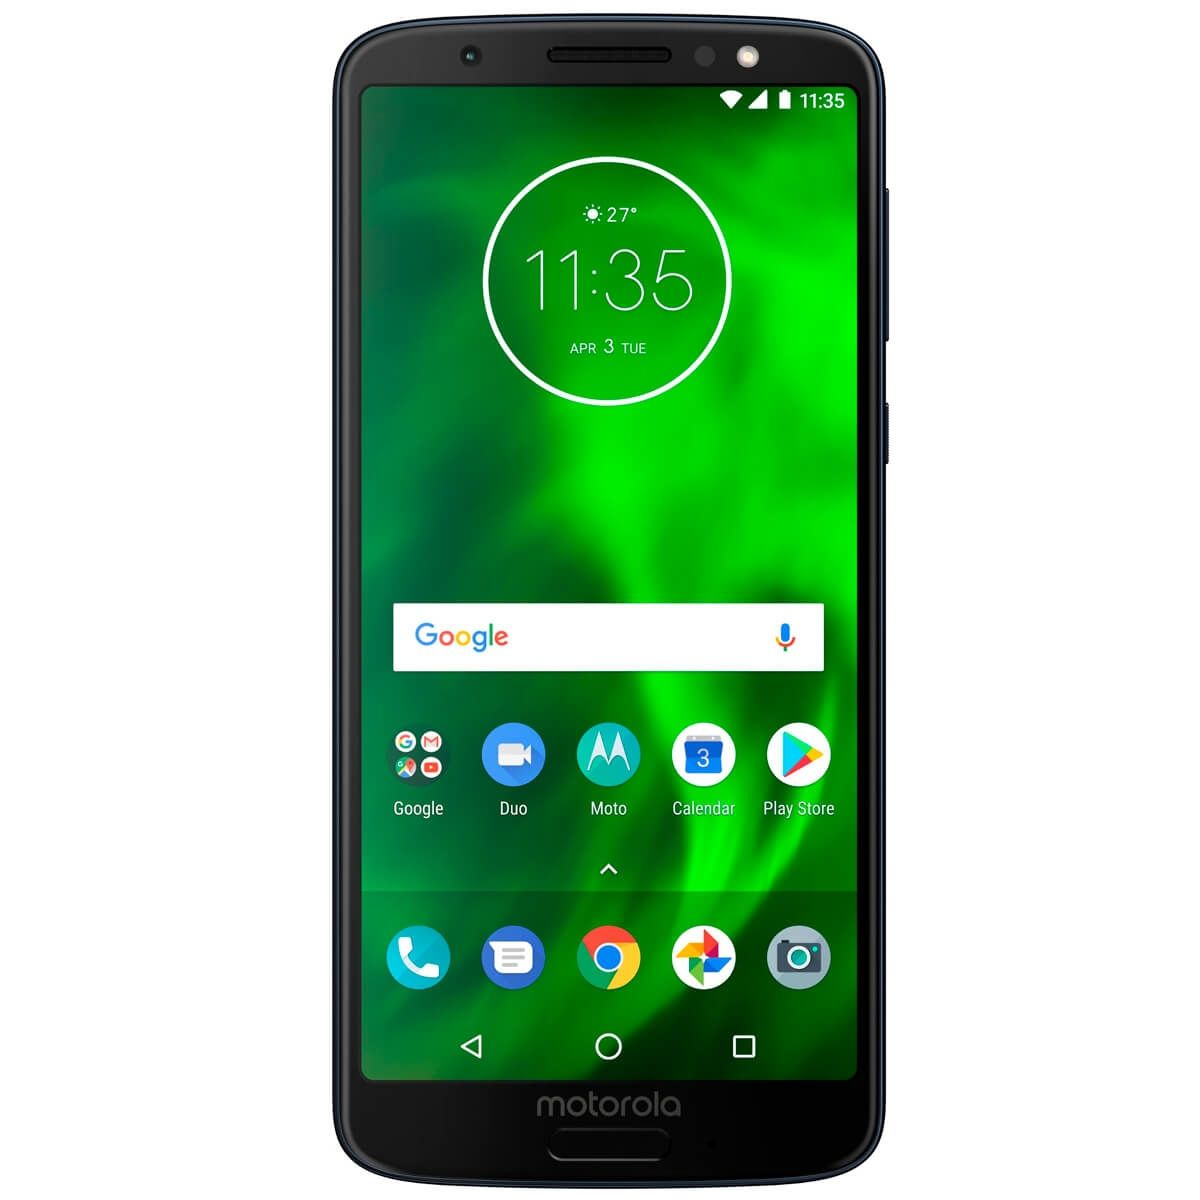 Motorola Moto G6 Caracteristicas Precio Reviews Y Donde Comprar Doble Sim Lector De Huellas Huellas Dactilares